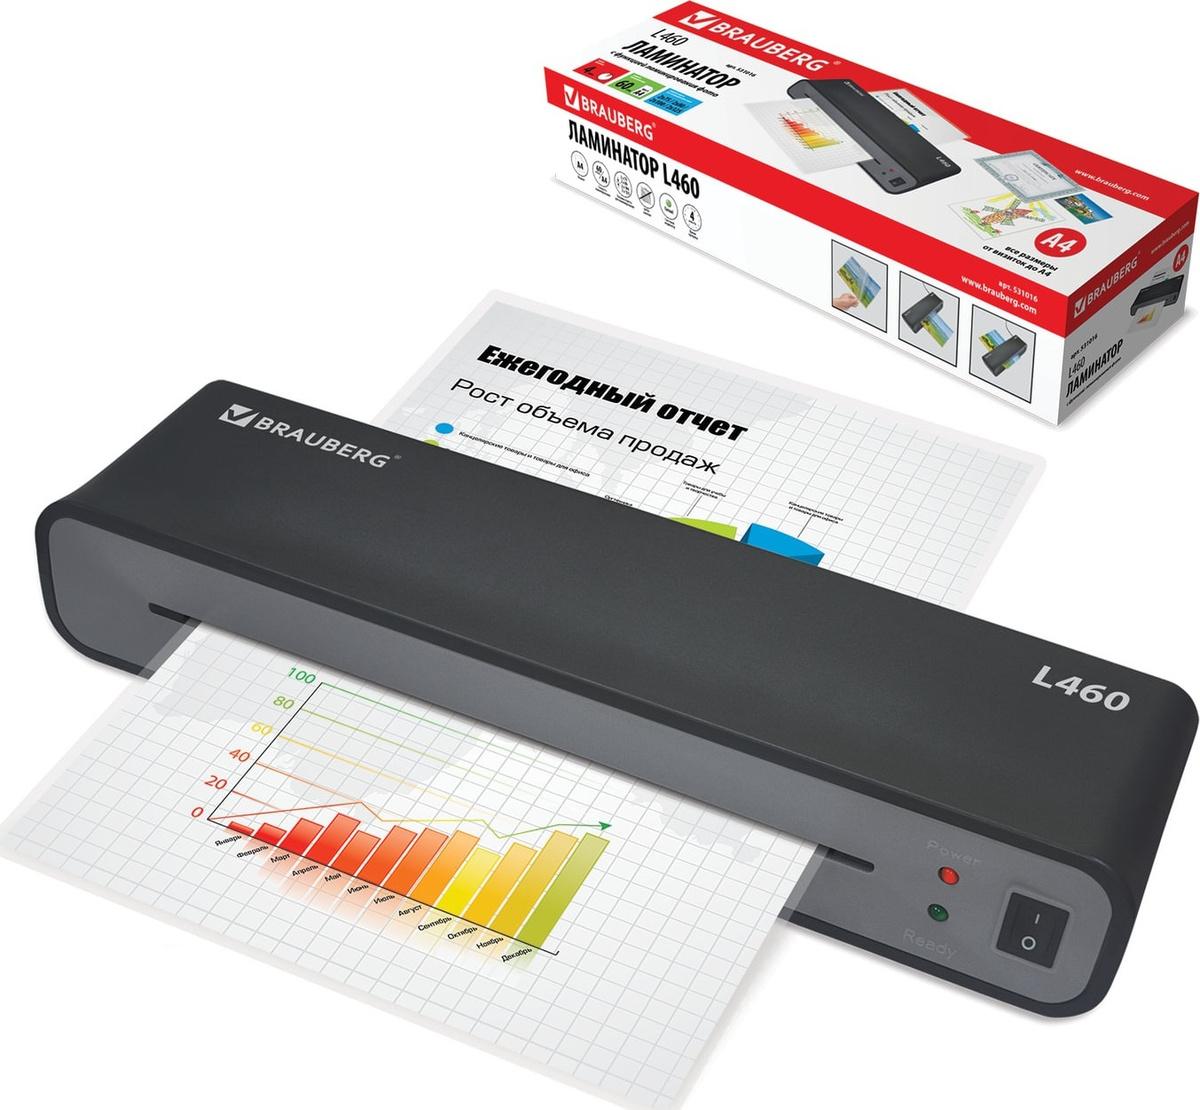 Ламинатор бумаги пакетный L460 для дома и офиса, формат А4, толщ. пленки 1 сторона 75-125 мкм, скорость #1